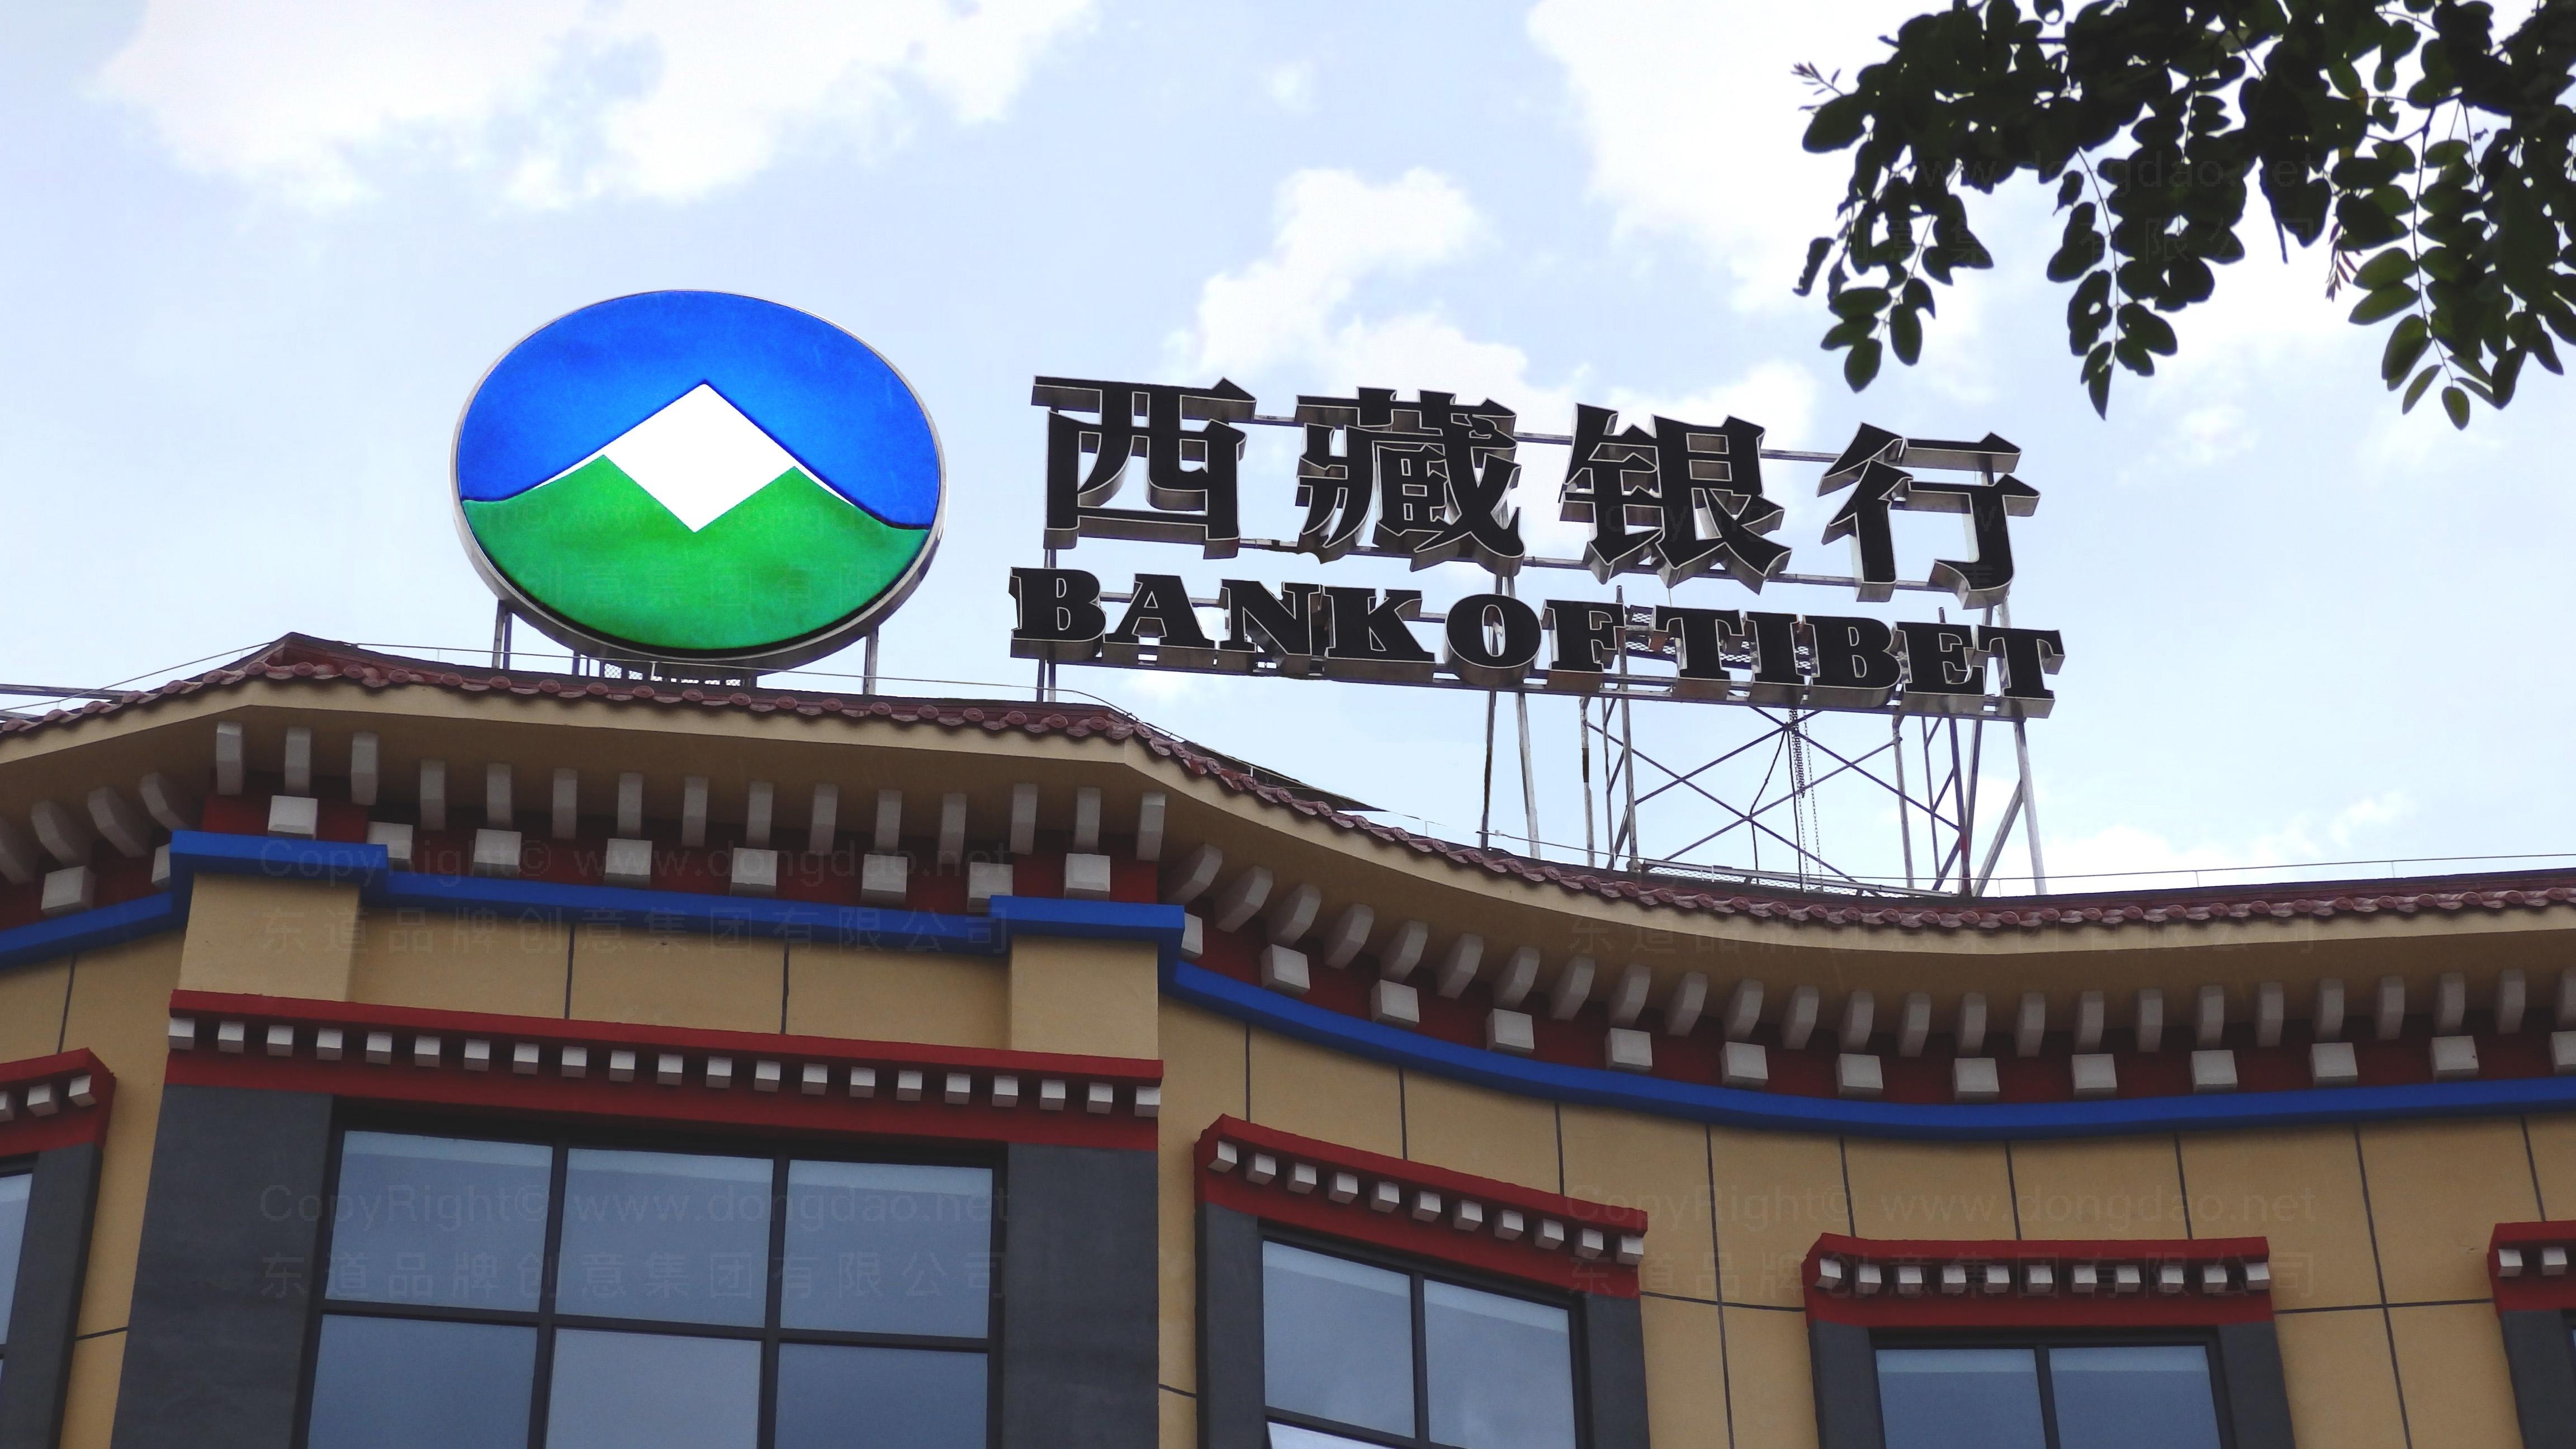 落地工程西藏银行装饰工程标识制作应用